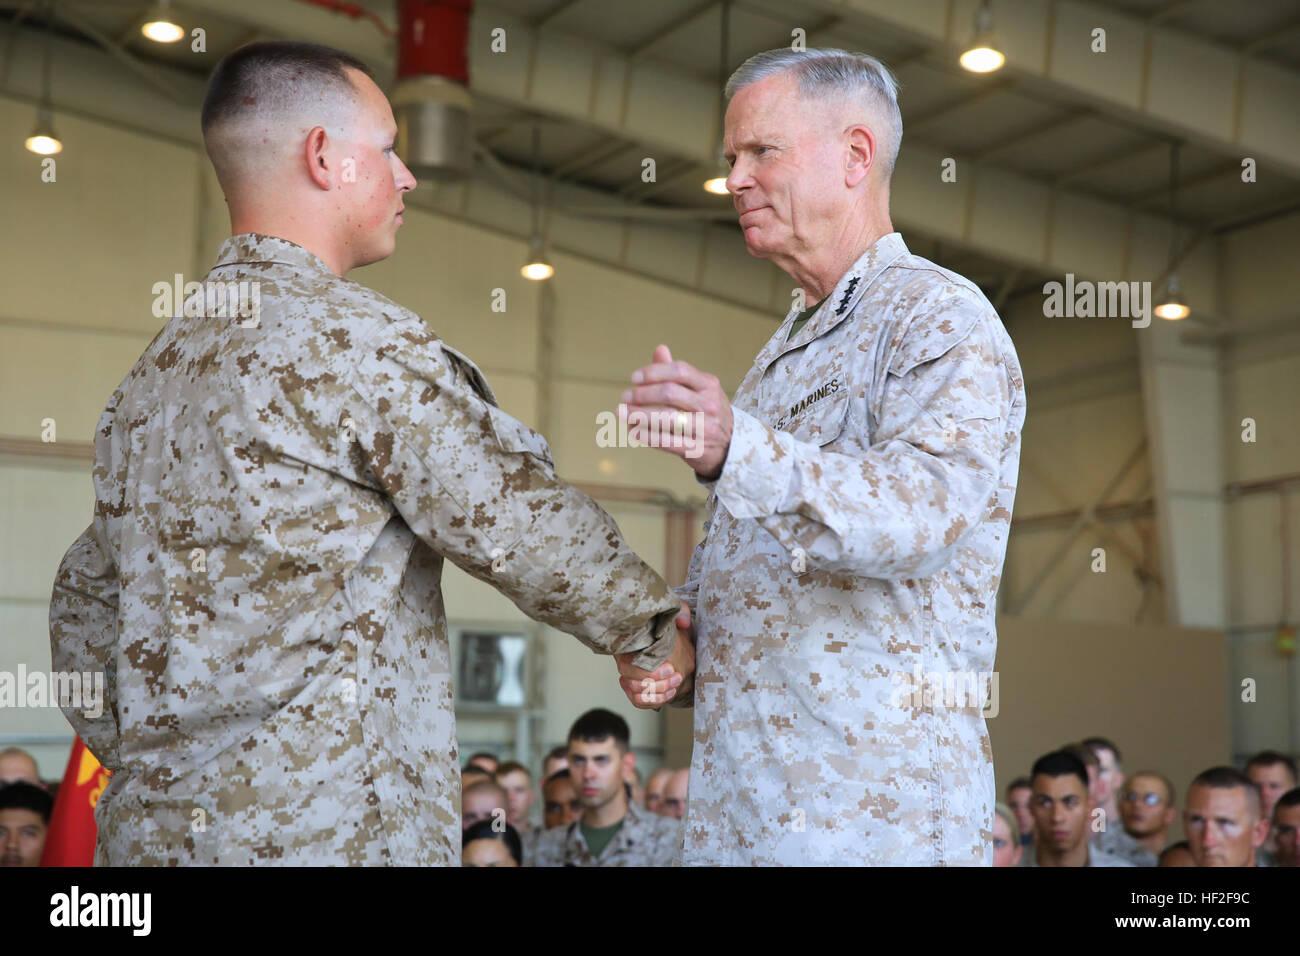 U.S. Marine Corps Général James F. Amos, commandant de la Marine Corps, félicite le Cpl. Matthieu Padilla, mécanicien affecté à une cellule d'Marine Aviation Logistics Group 17 (MALS-17), Marine Aircraft Group - Afghanistan (MAG-A), la promotion de l'meritoriously après lui au cours d'une visite à l'avant les forces déployées à bord le Camp Bastion, dans la province d'Helmand, en Afghanistan, le 6 septembre 2014. La visite marque la dernière fois Amos et le Sgt. Le major Michael P. Barrett, sergent-major de la Marine Corps, rencontrera les Marines et les marins déployés dans le Helmand, dans le cadre de l'opération Enduring Freedom. (Official U.S. Marine Cor Banque D'Images